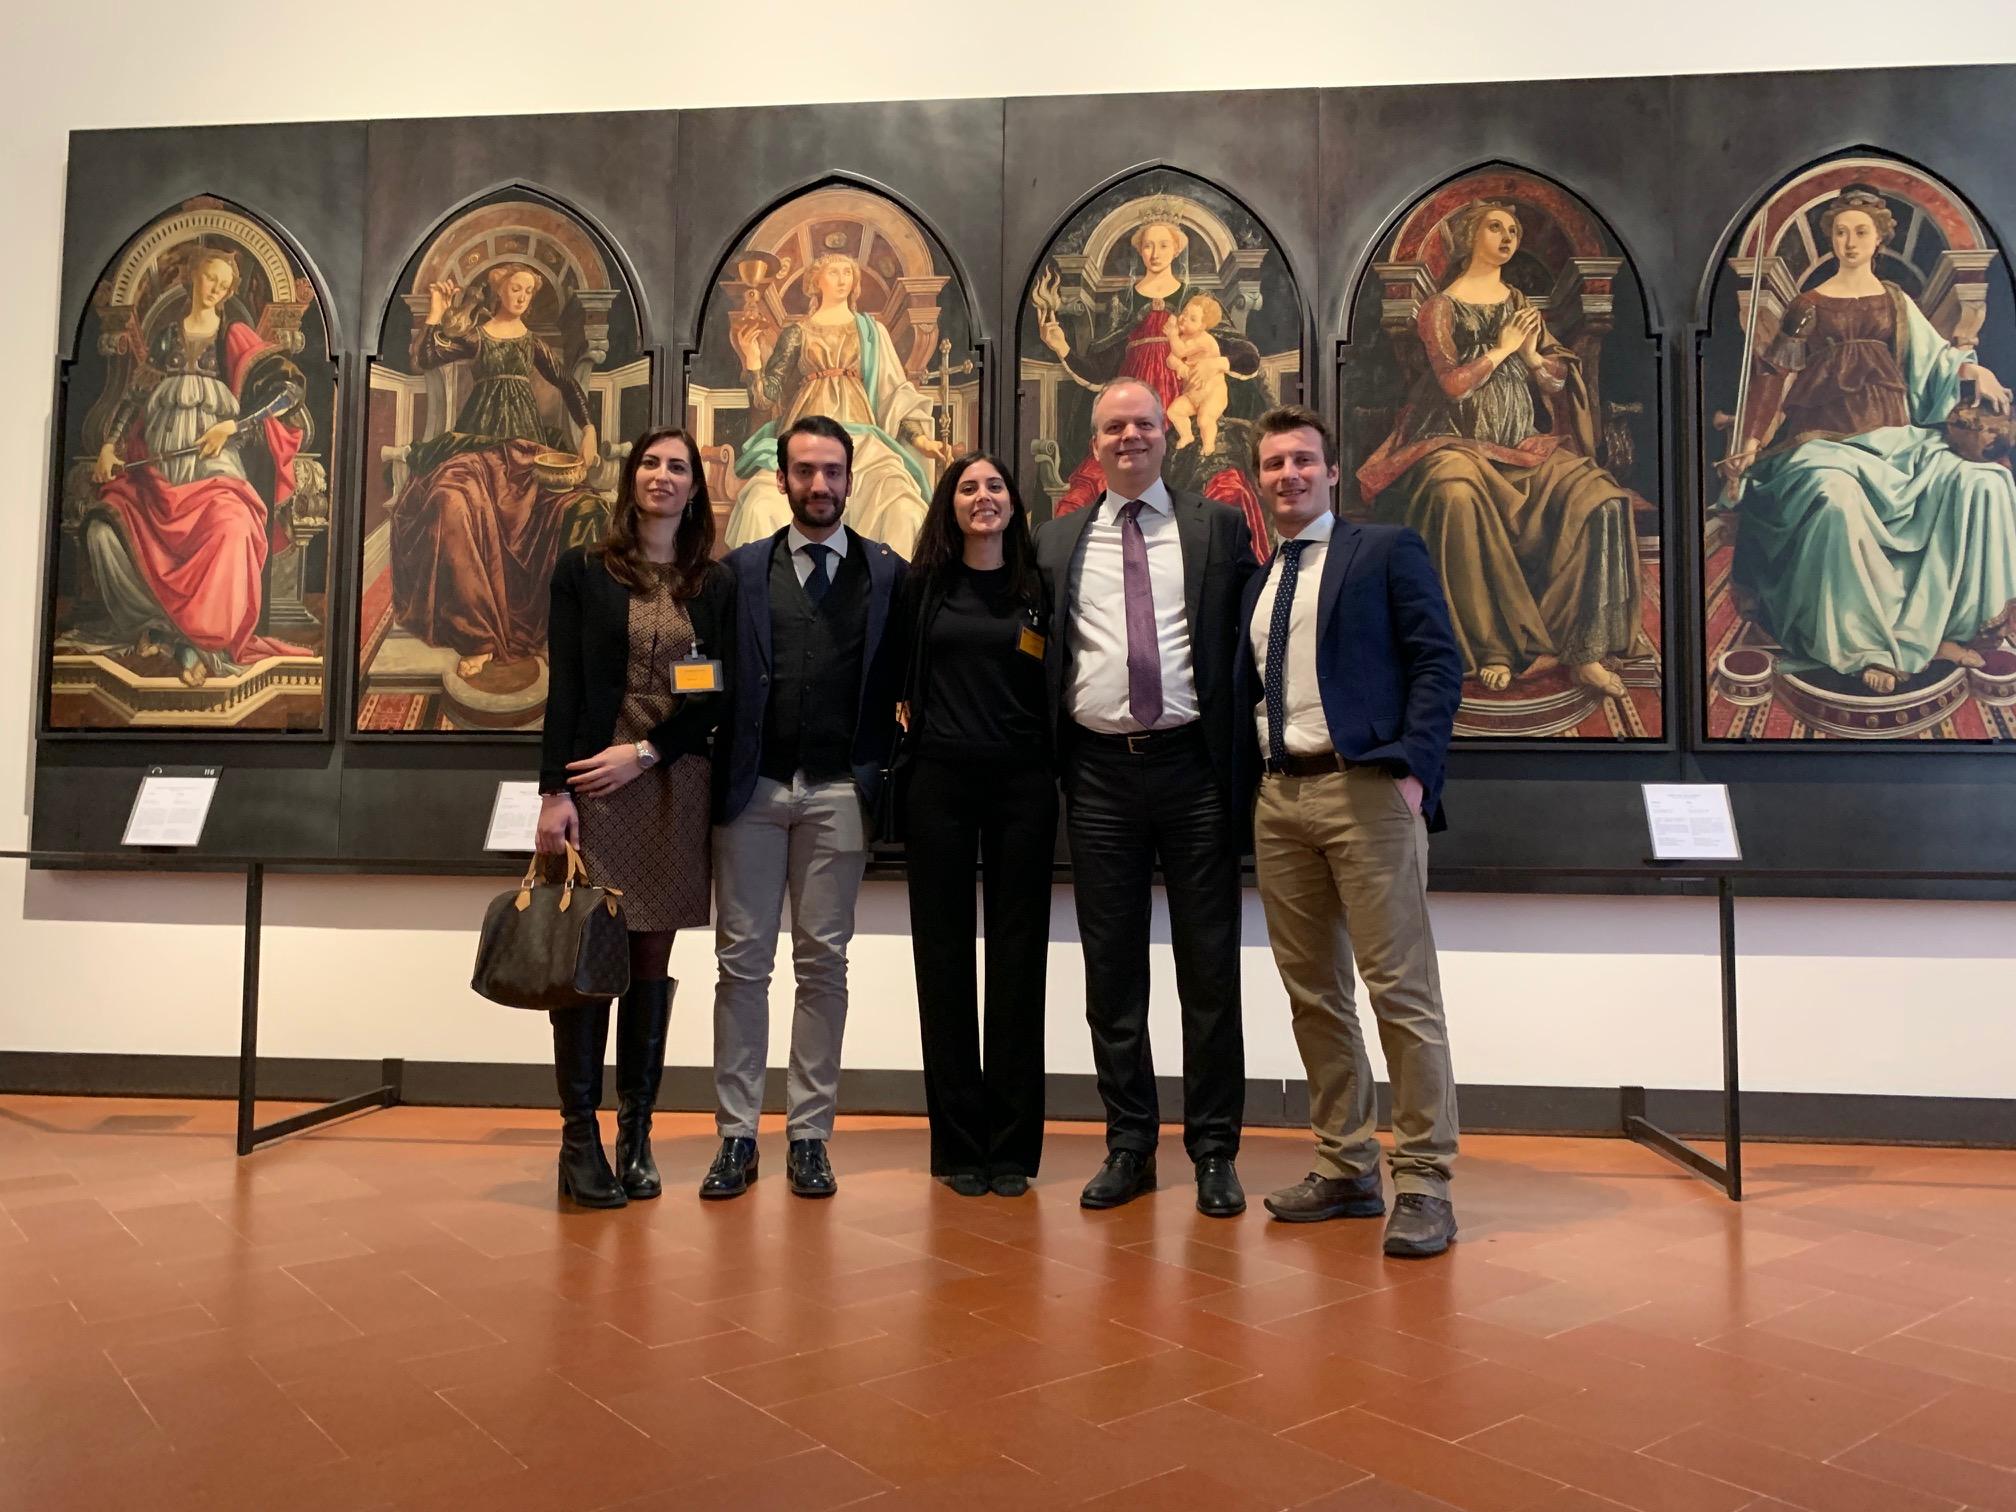 Salvarono la vita a un pensionato che ebbe un malore davanti alla Venere di Botticelli, premiati dagli Uffizi